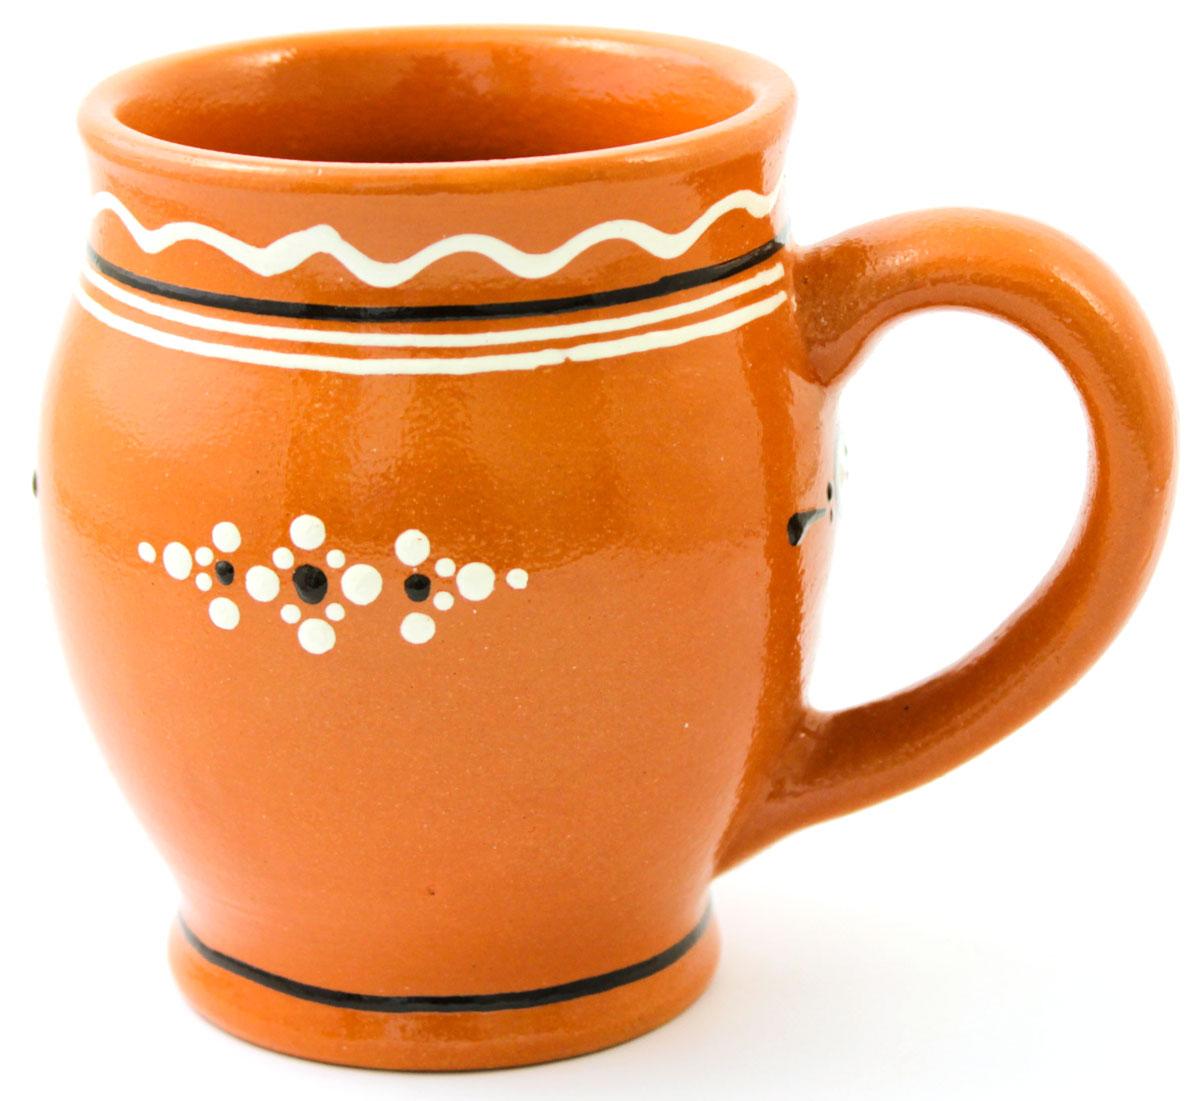 Кружка для кваса Ломоносовская керамика Оятские мотивы, 500 мл115610Кружка для кваса Ломоносовская керамика Оятские мотивы выполнена из высококачественной глины и оформлена оригинальным рисунком. Такая кружка прекрасно оформит стол и станет его неизменным атрибутом.